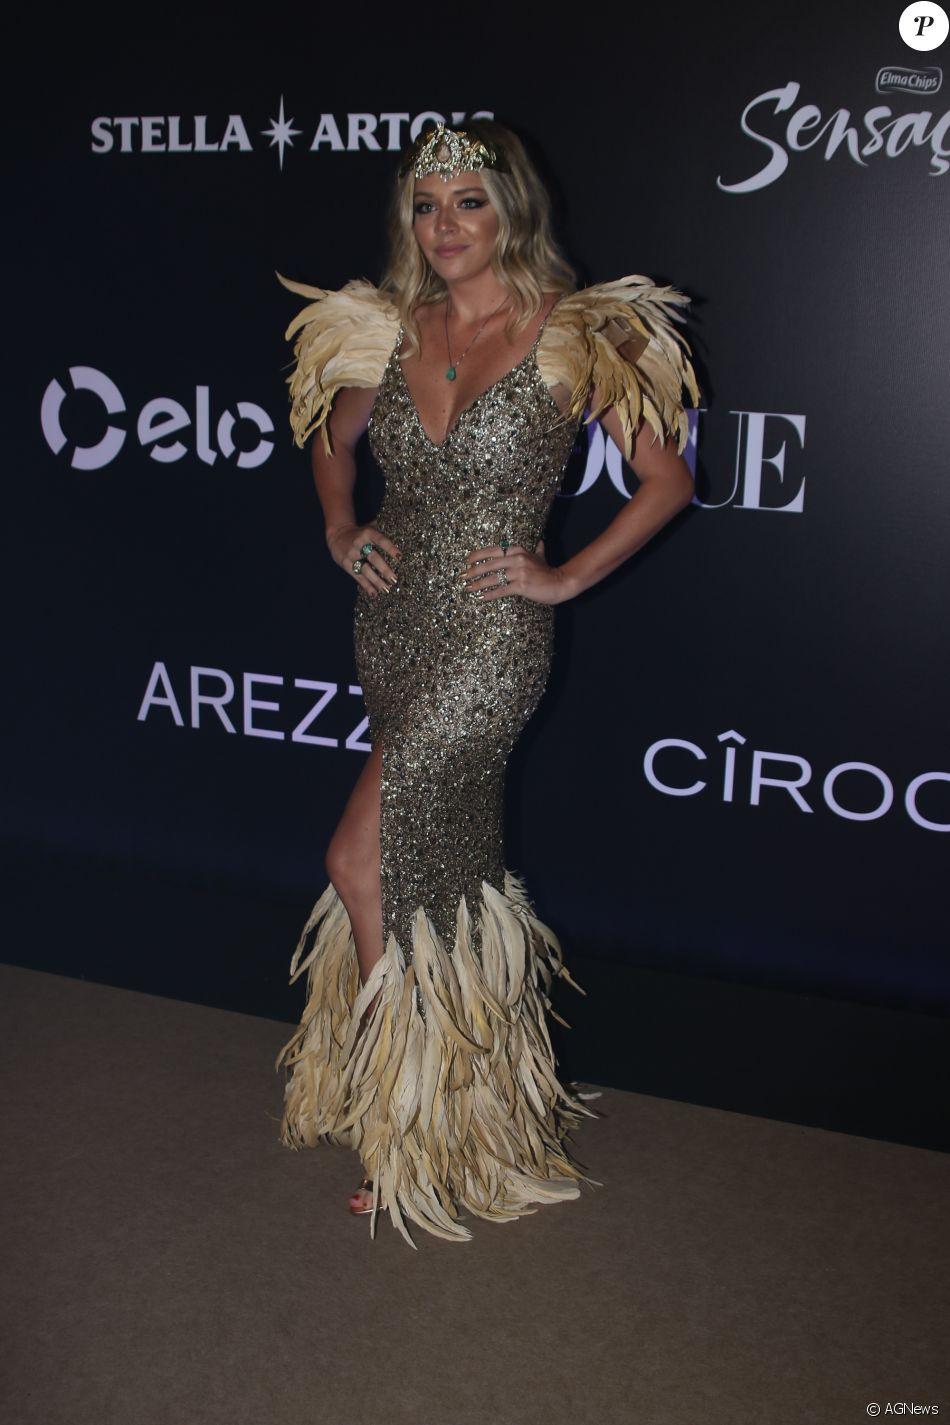 Luma Costa de PatBO no Baile da Vogue, realizado no Hotel Unique, em São  Paulo, na noite desta quinta-feira, 1º de fevereiro de 2018 c5195f760a